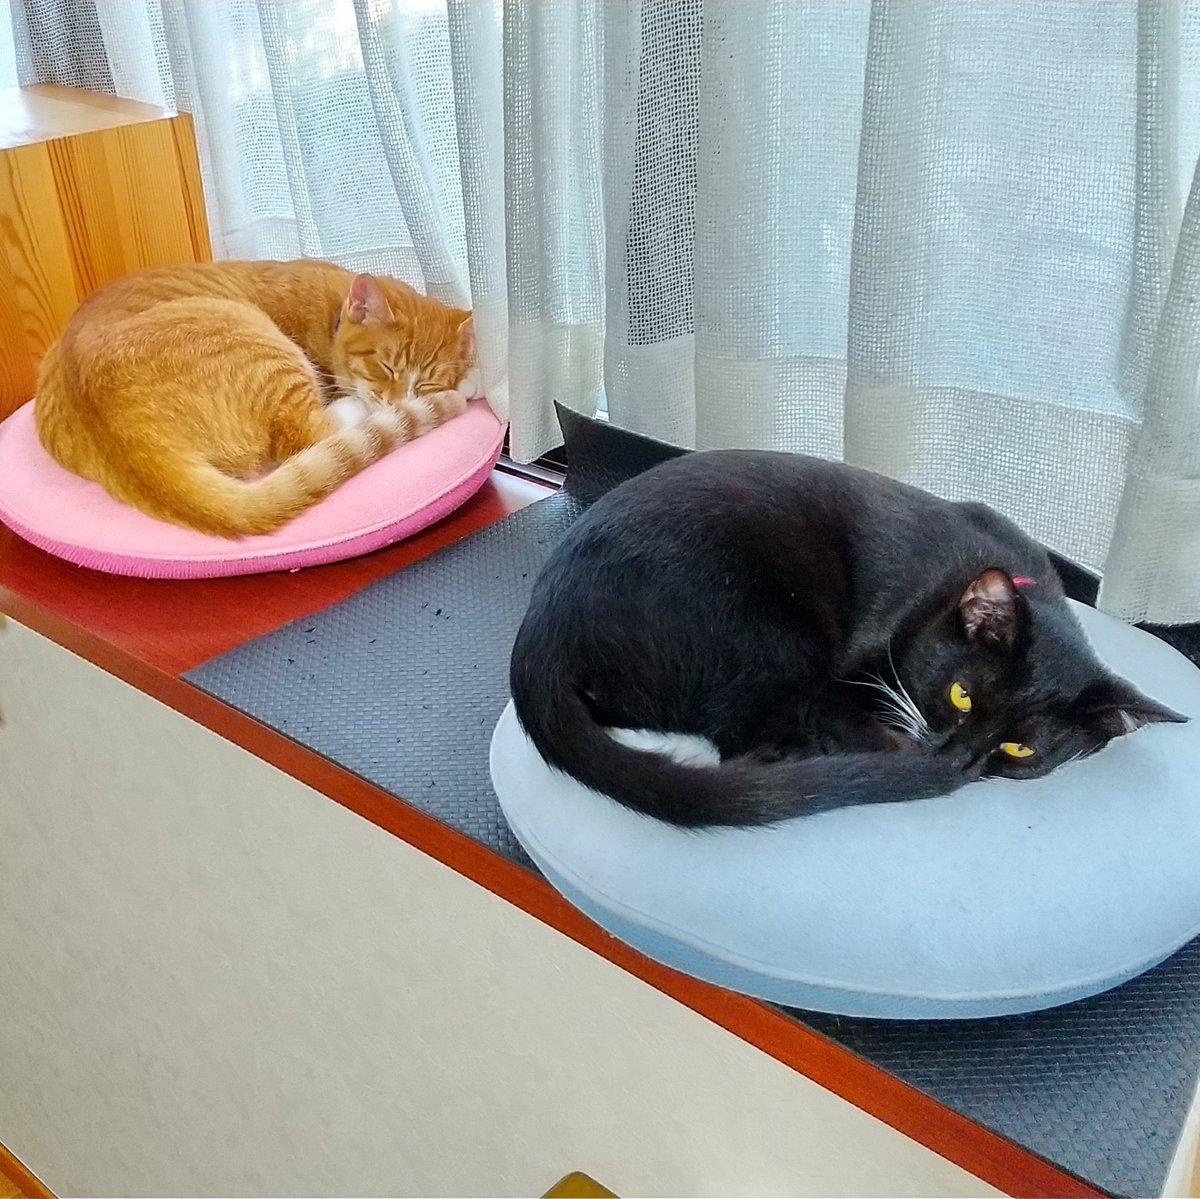 同じ姿勢で寝てるのが可愛くて写真撮りまくってたら睨まれてしまった  #猫のいる暮らし  #猫 #茶トラ #黒白猫 #兄弟猫 https://t.co/LaNQL9ctgn